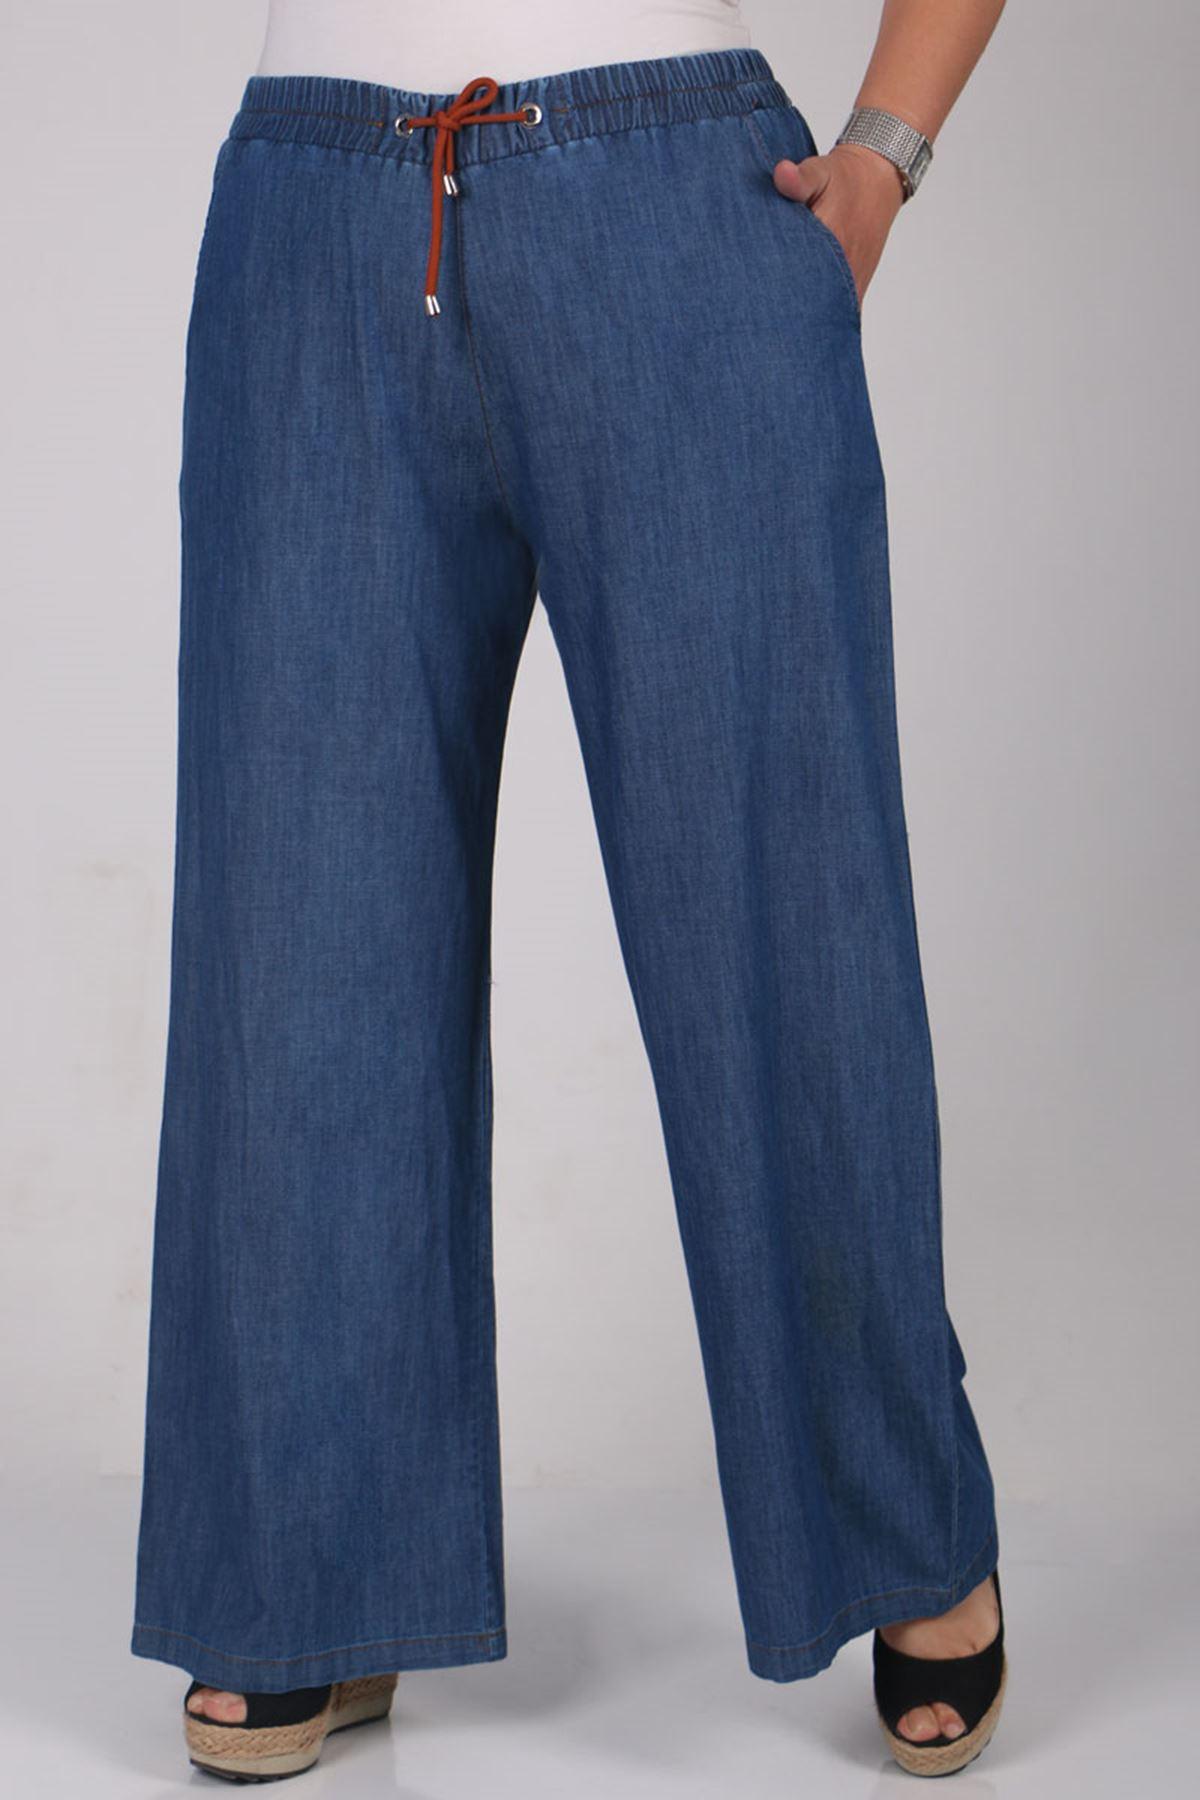 9159 بنطلون جينز واسع الساق و مقاس كبير - قرميدي - أزرق